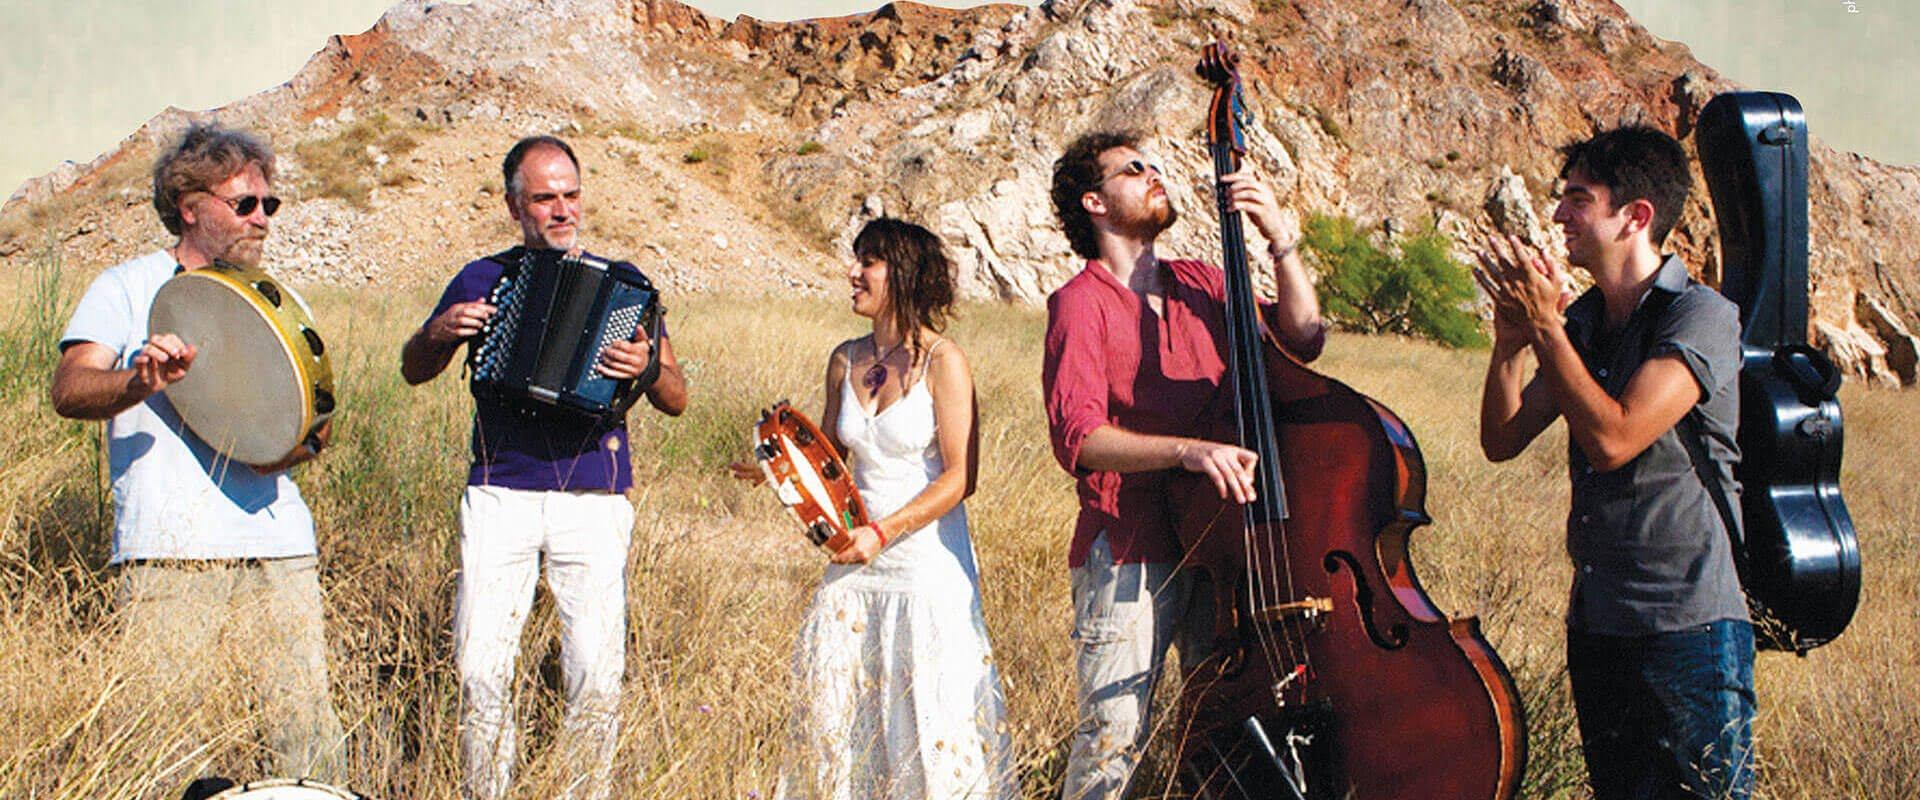 Συναυλίες του μουσικού συνόλου Encardia στο Αρχαίο Θέατρο Πυθαγορείου στη Σάμο. Από την ΕΛΣ στις 26 και 27 Αυγούστου στις 20.30